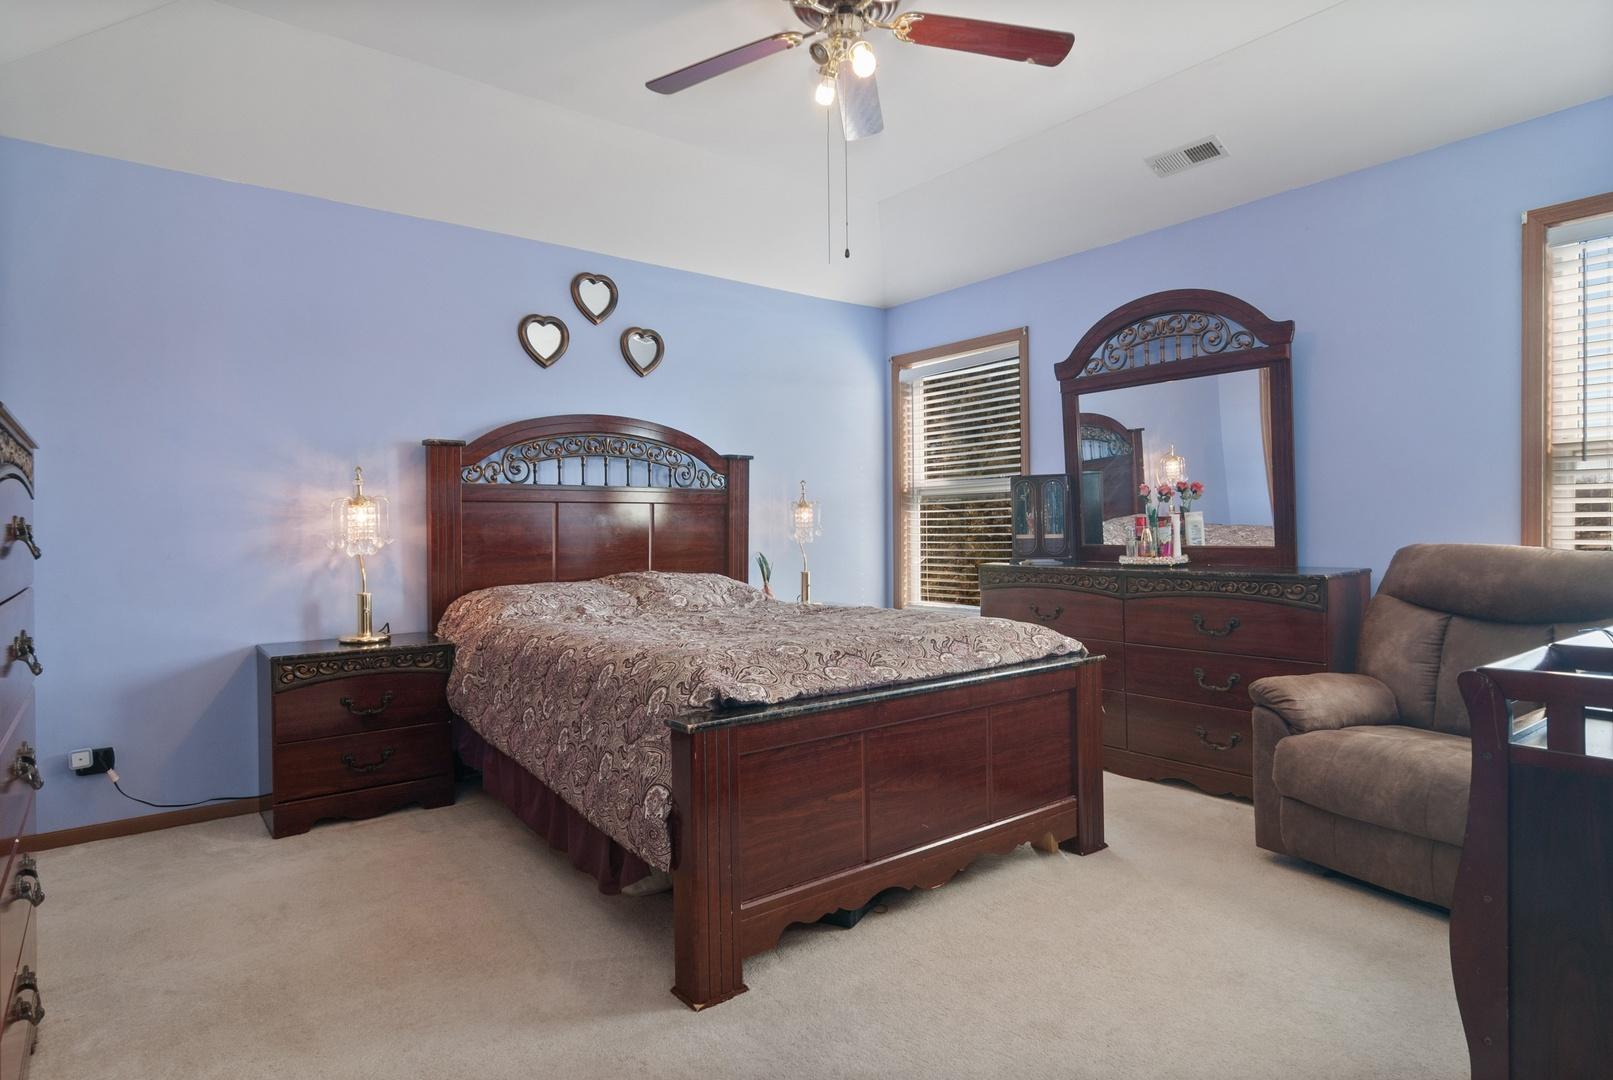 2448 Deerfield, AURORA, Illinois, 60506